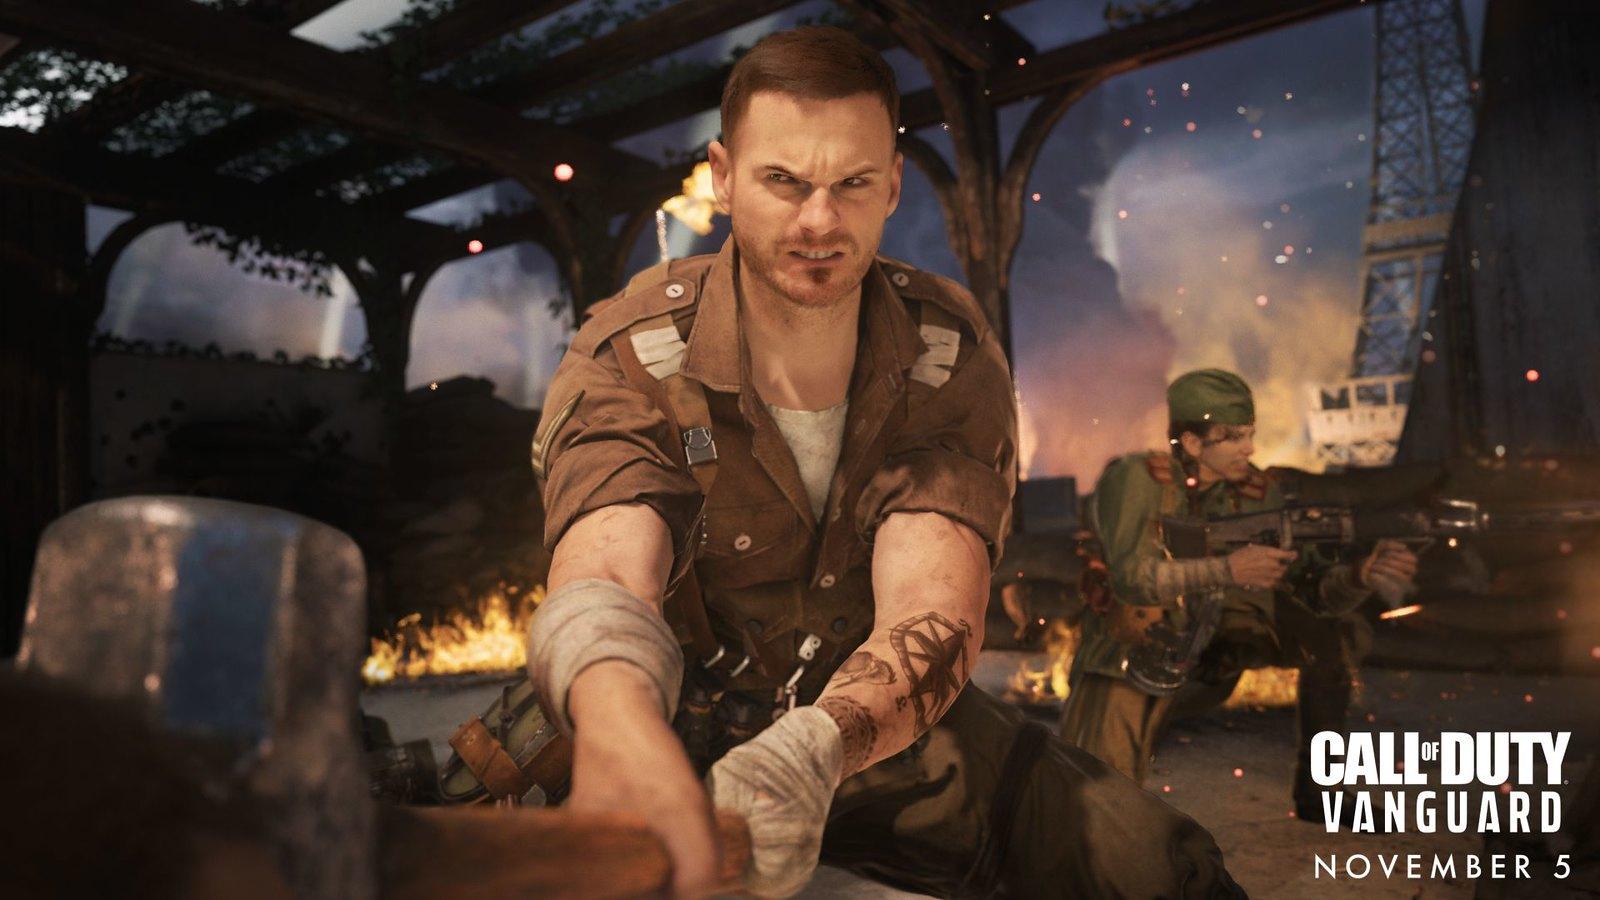 Call of Duty: Vanguard Multiplayer Beta